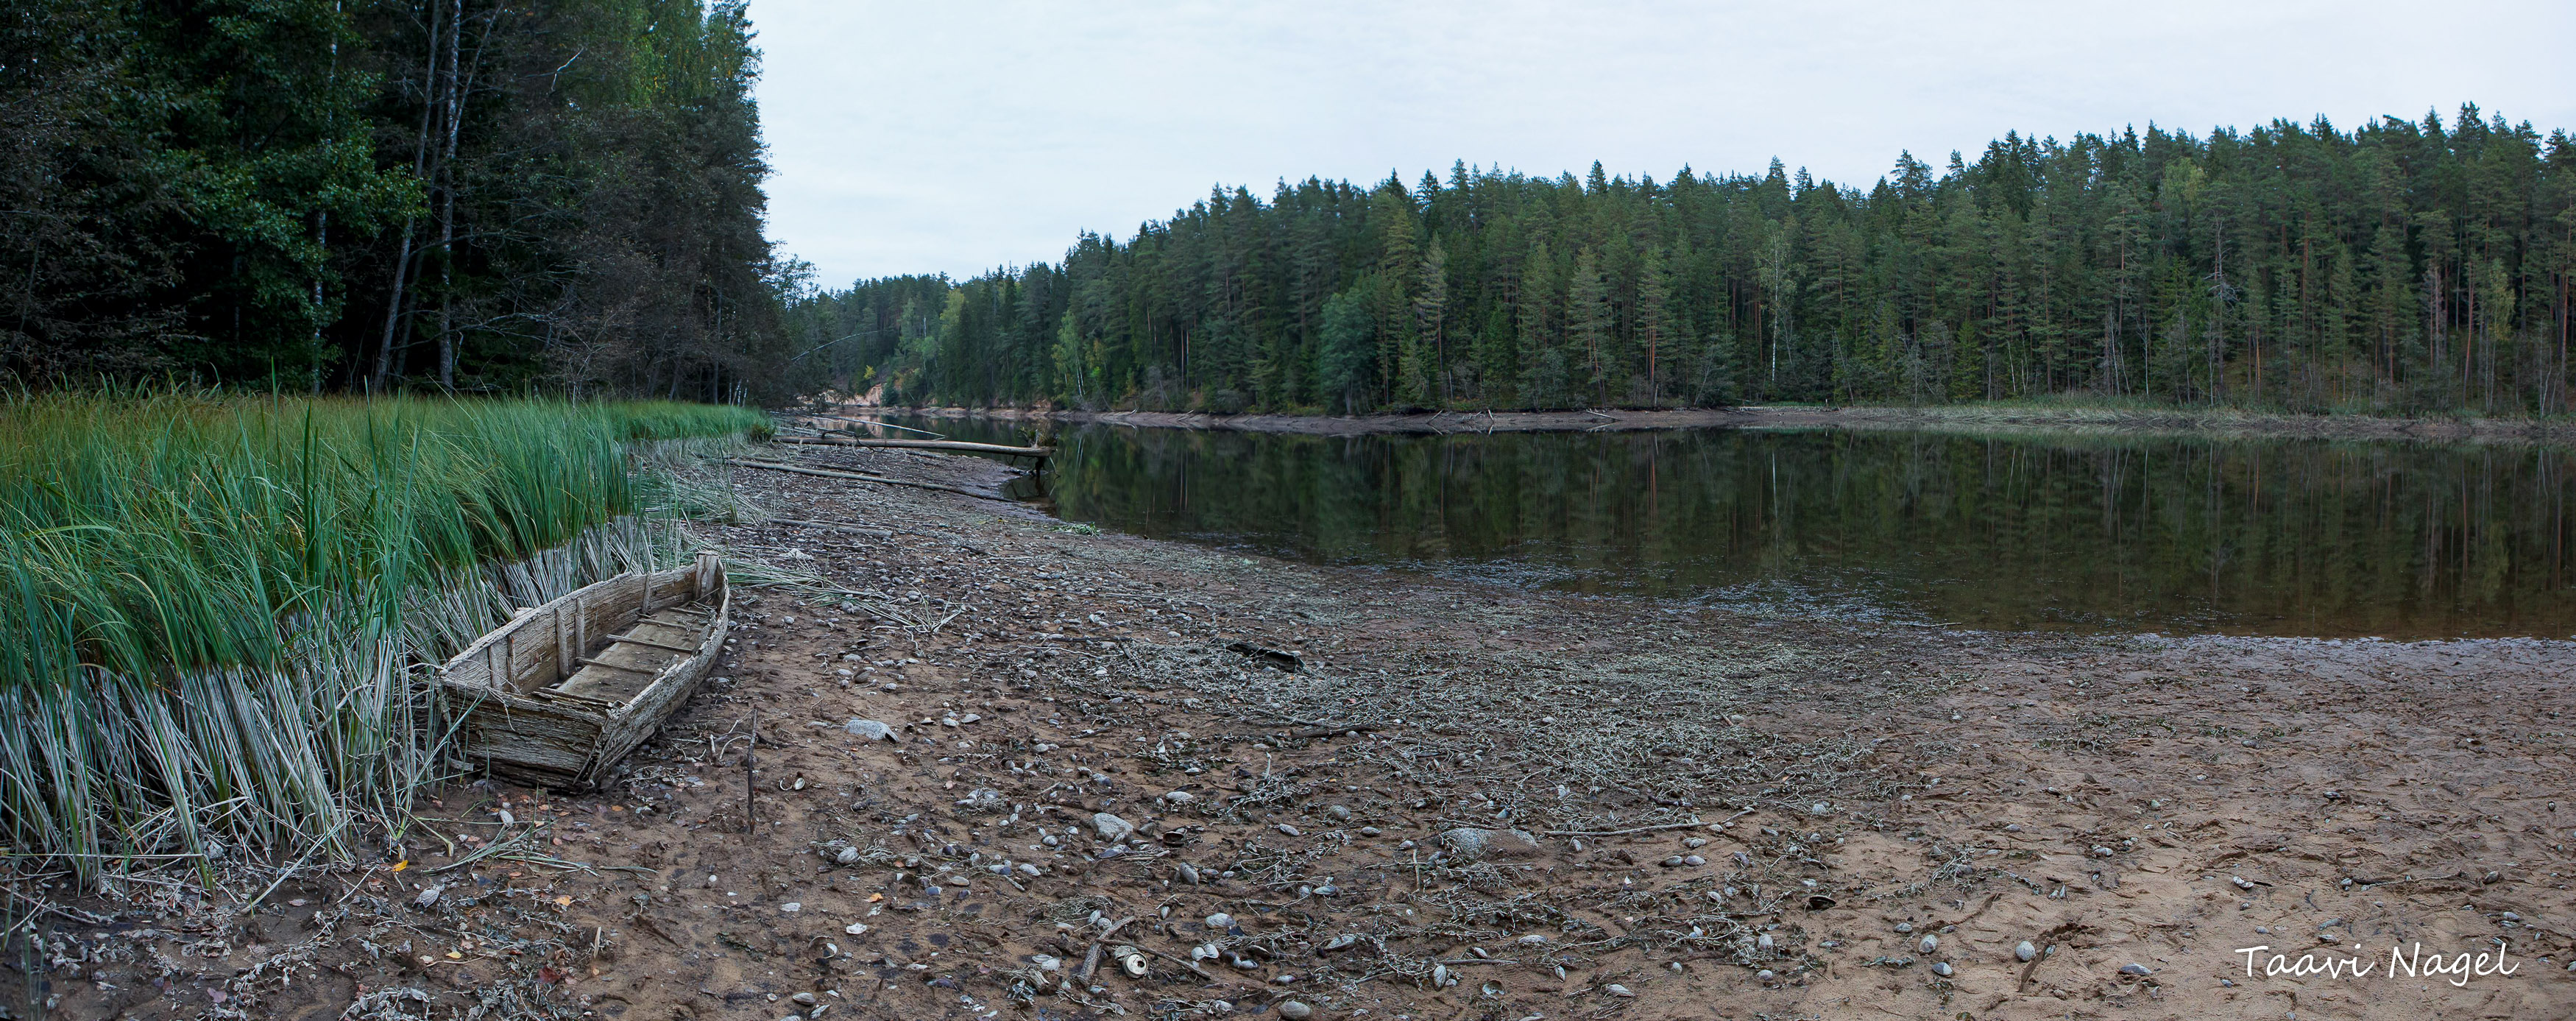 Saesaare järv